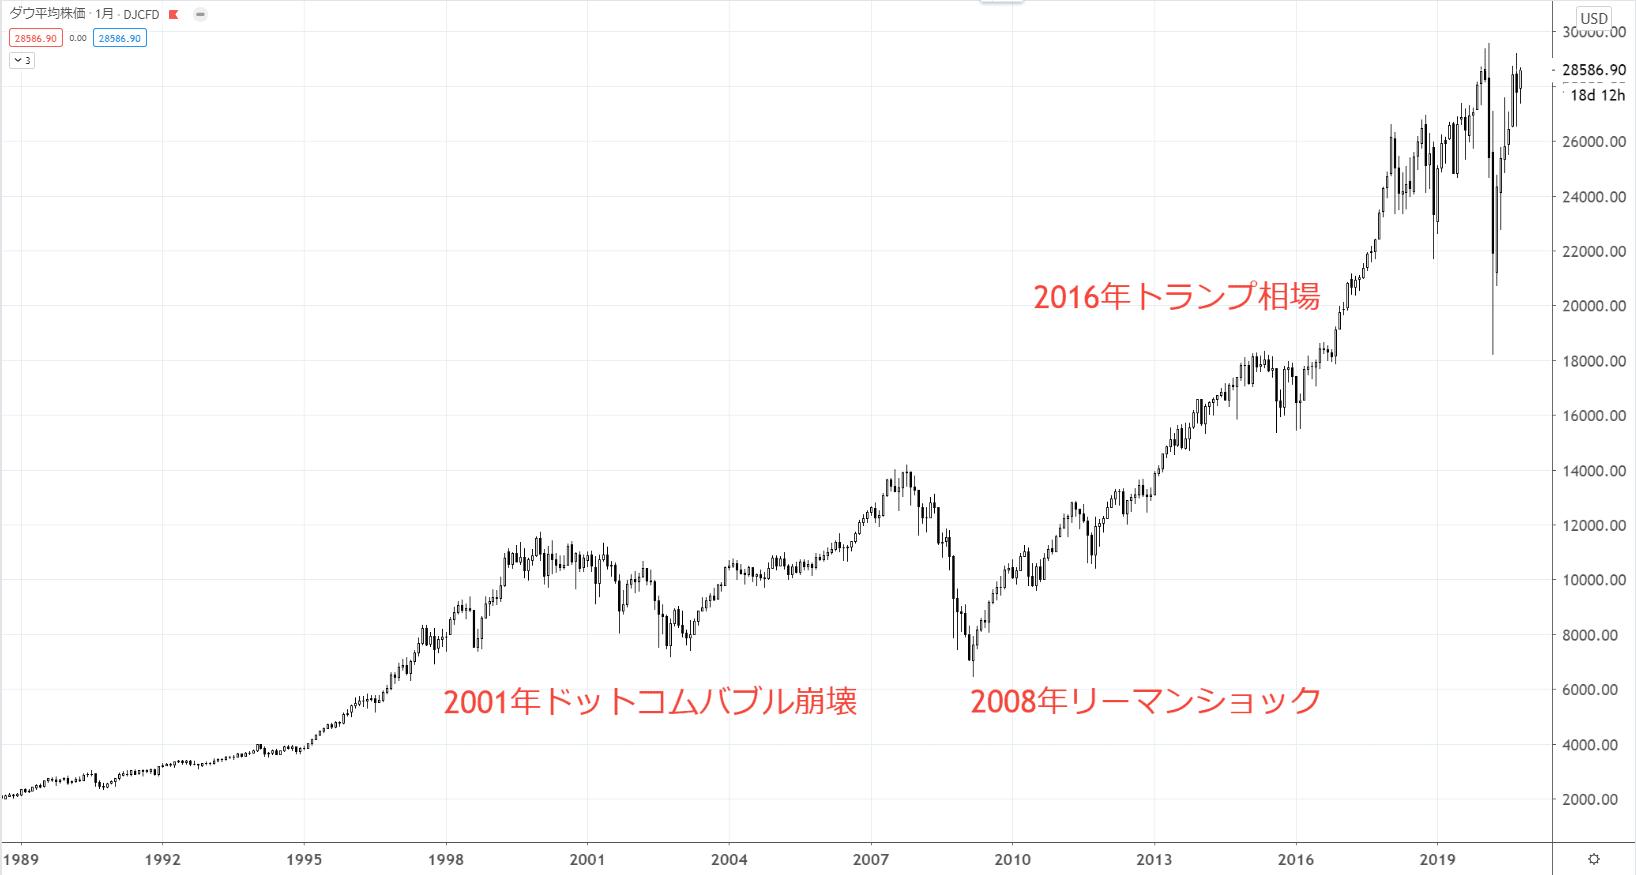 株価 アメリカ の